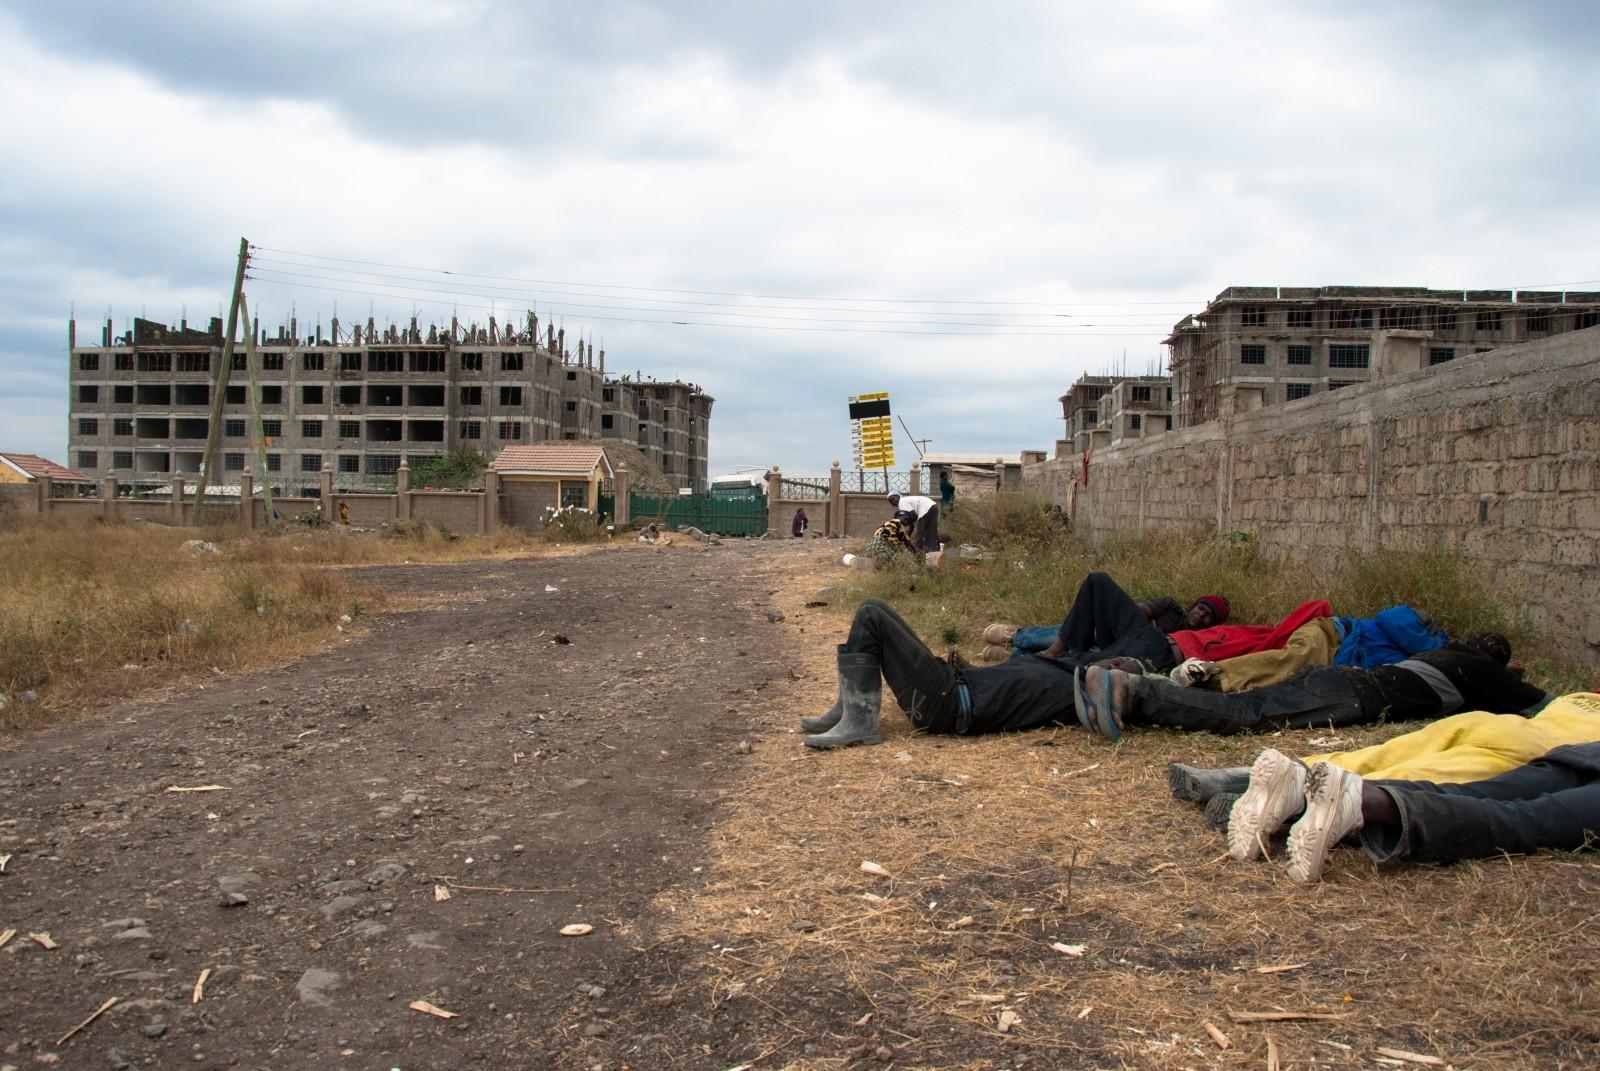 La tercera fase de Apartamentos Gran Muralla está actualmente bajo construcción. Imagen cortesía de Go West Project